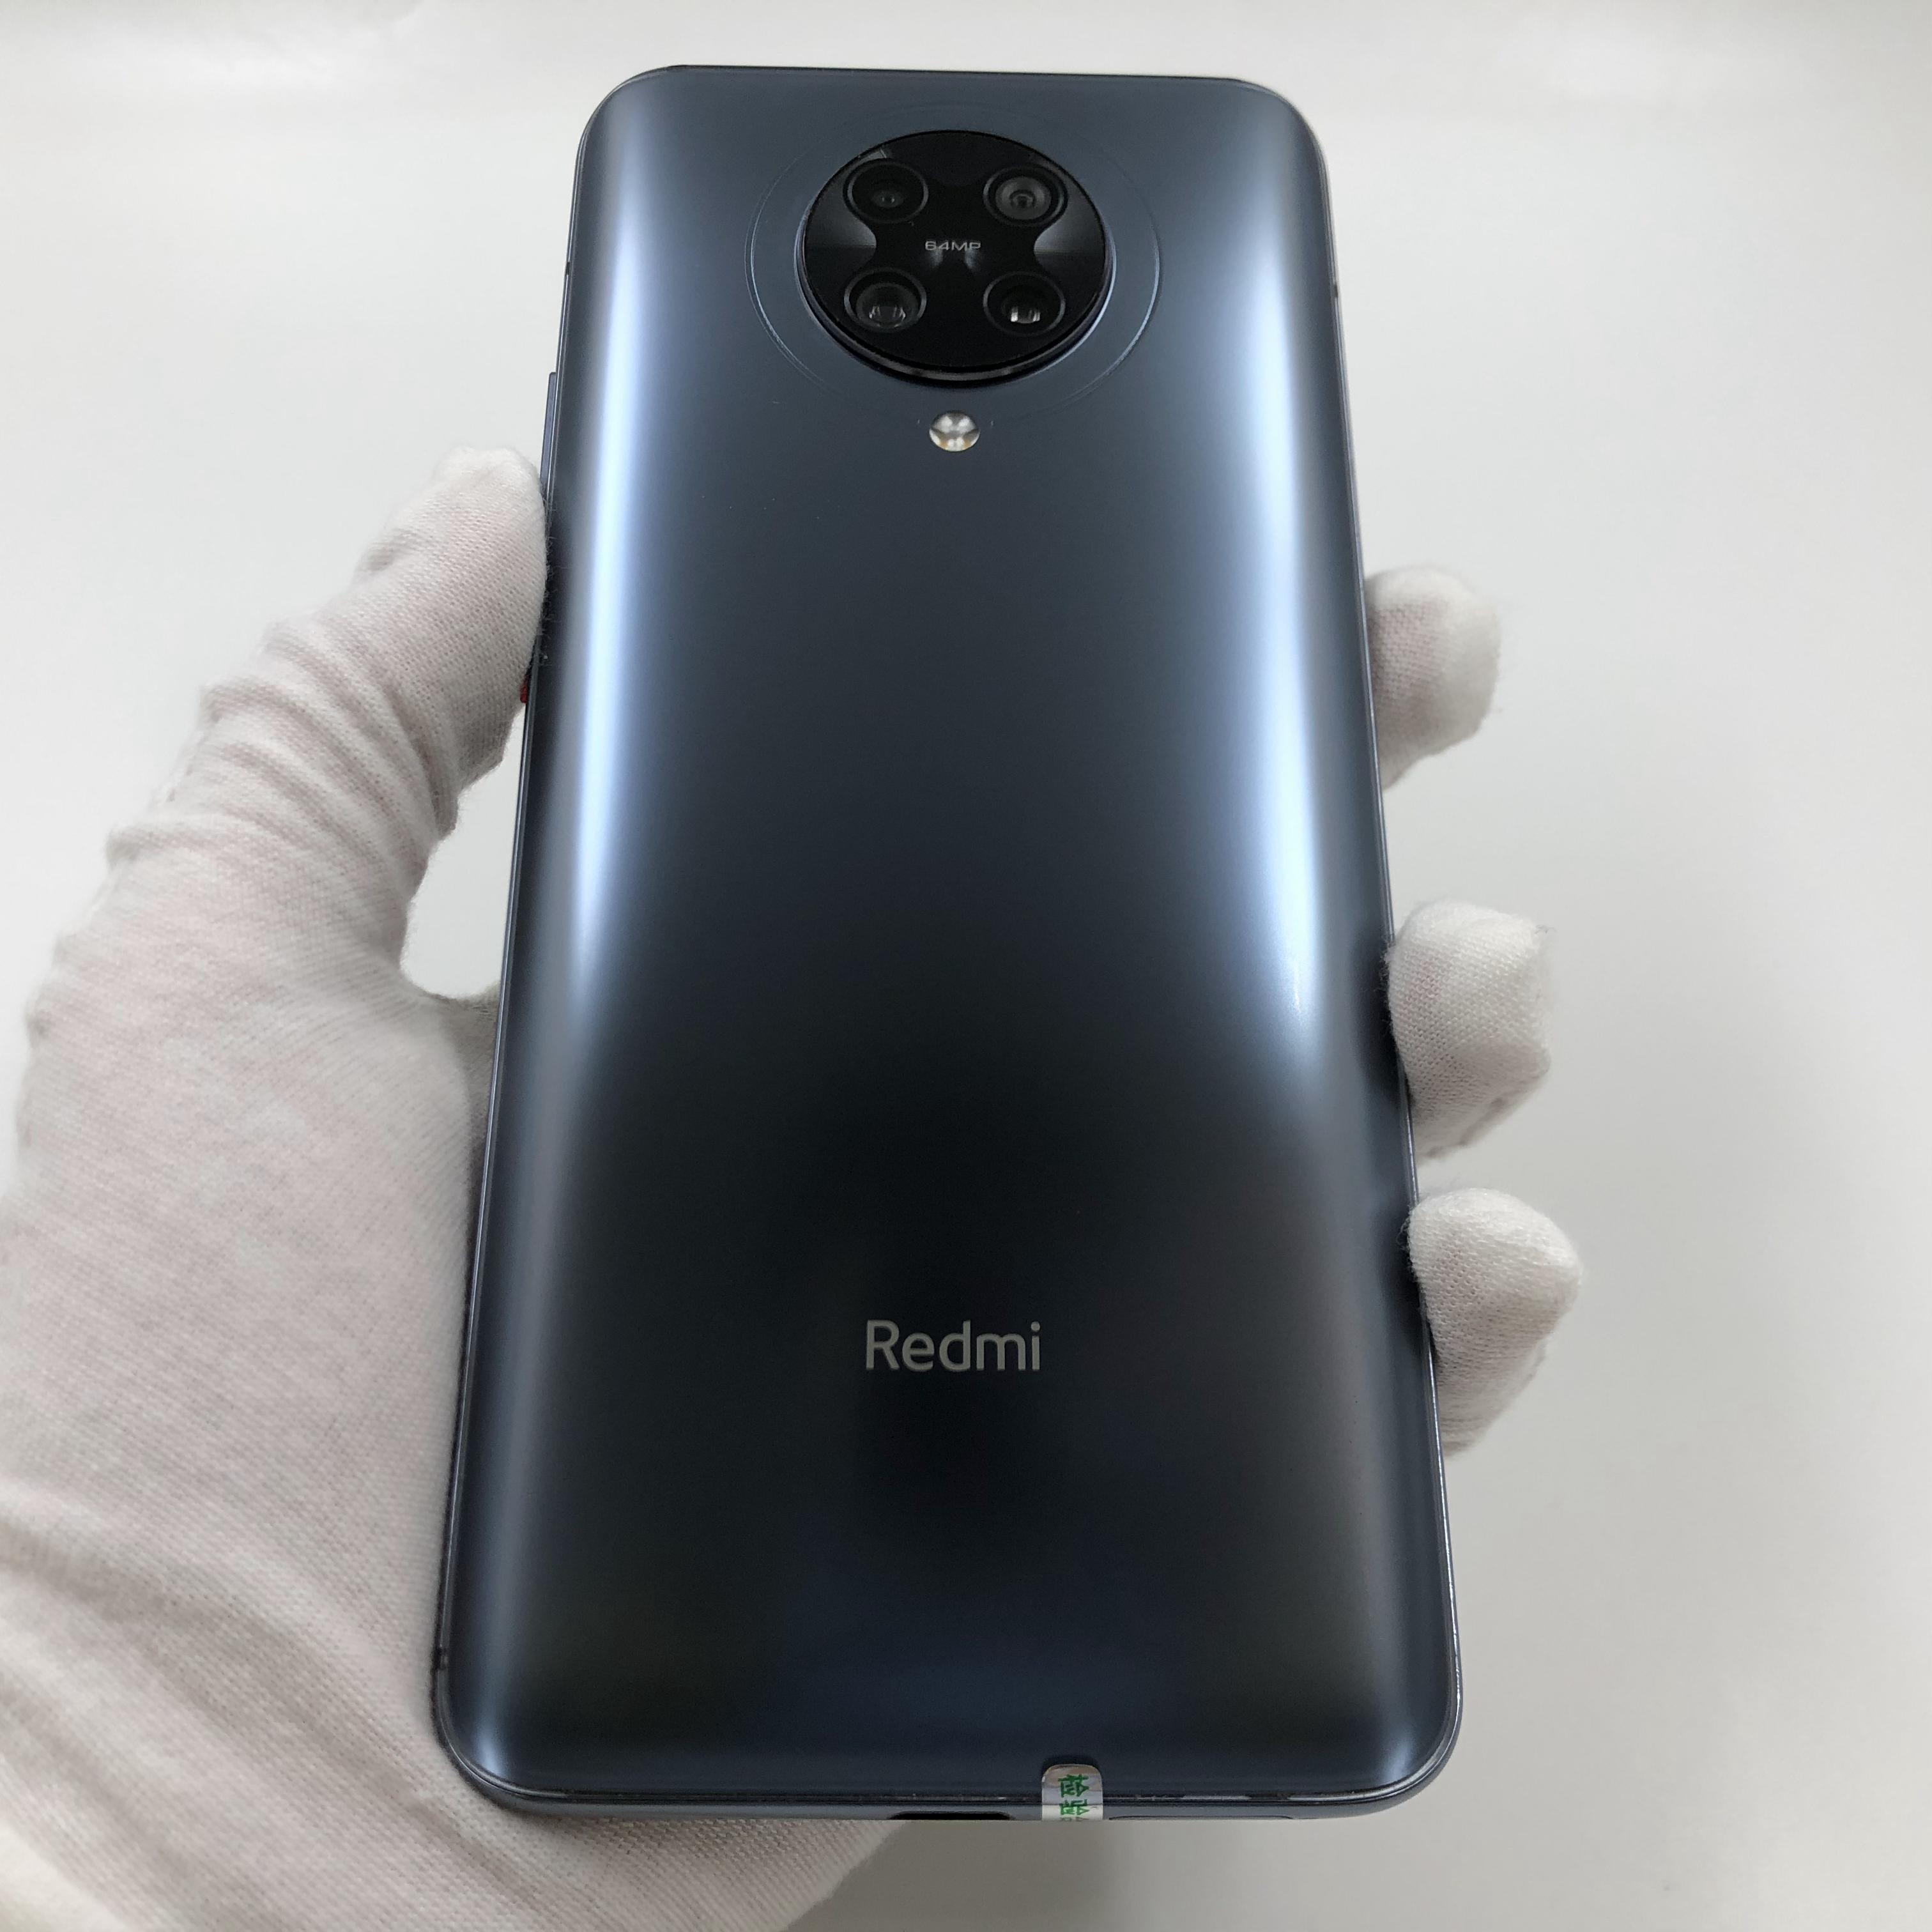 小米【Redmi K30 Pro 变焦 5G】5G全网通 太空灰 8G/256G 国行 95新 真机实拍